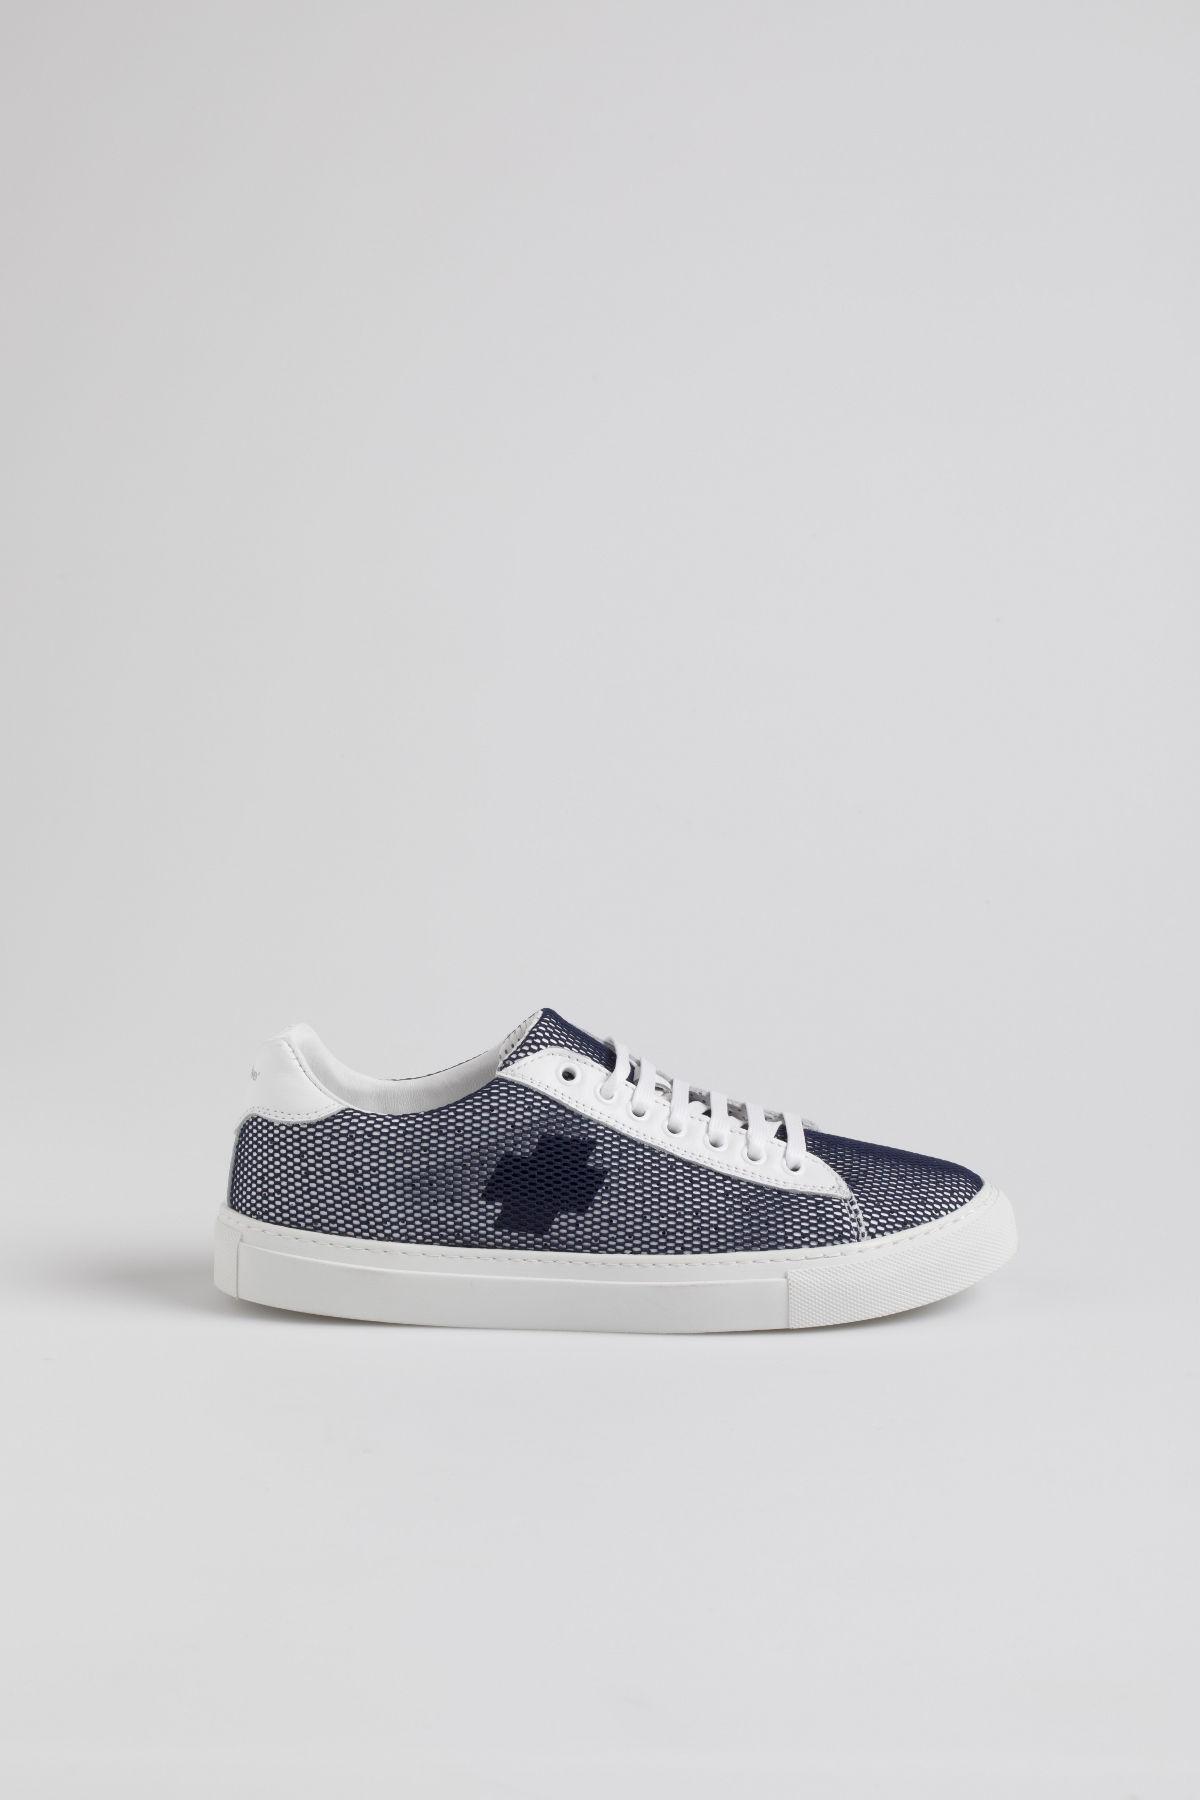 Männer Schuhe BEPOSITIVE F/S 18